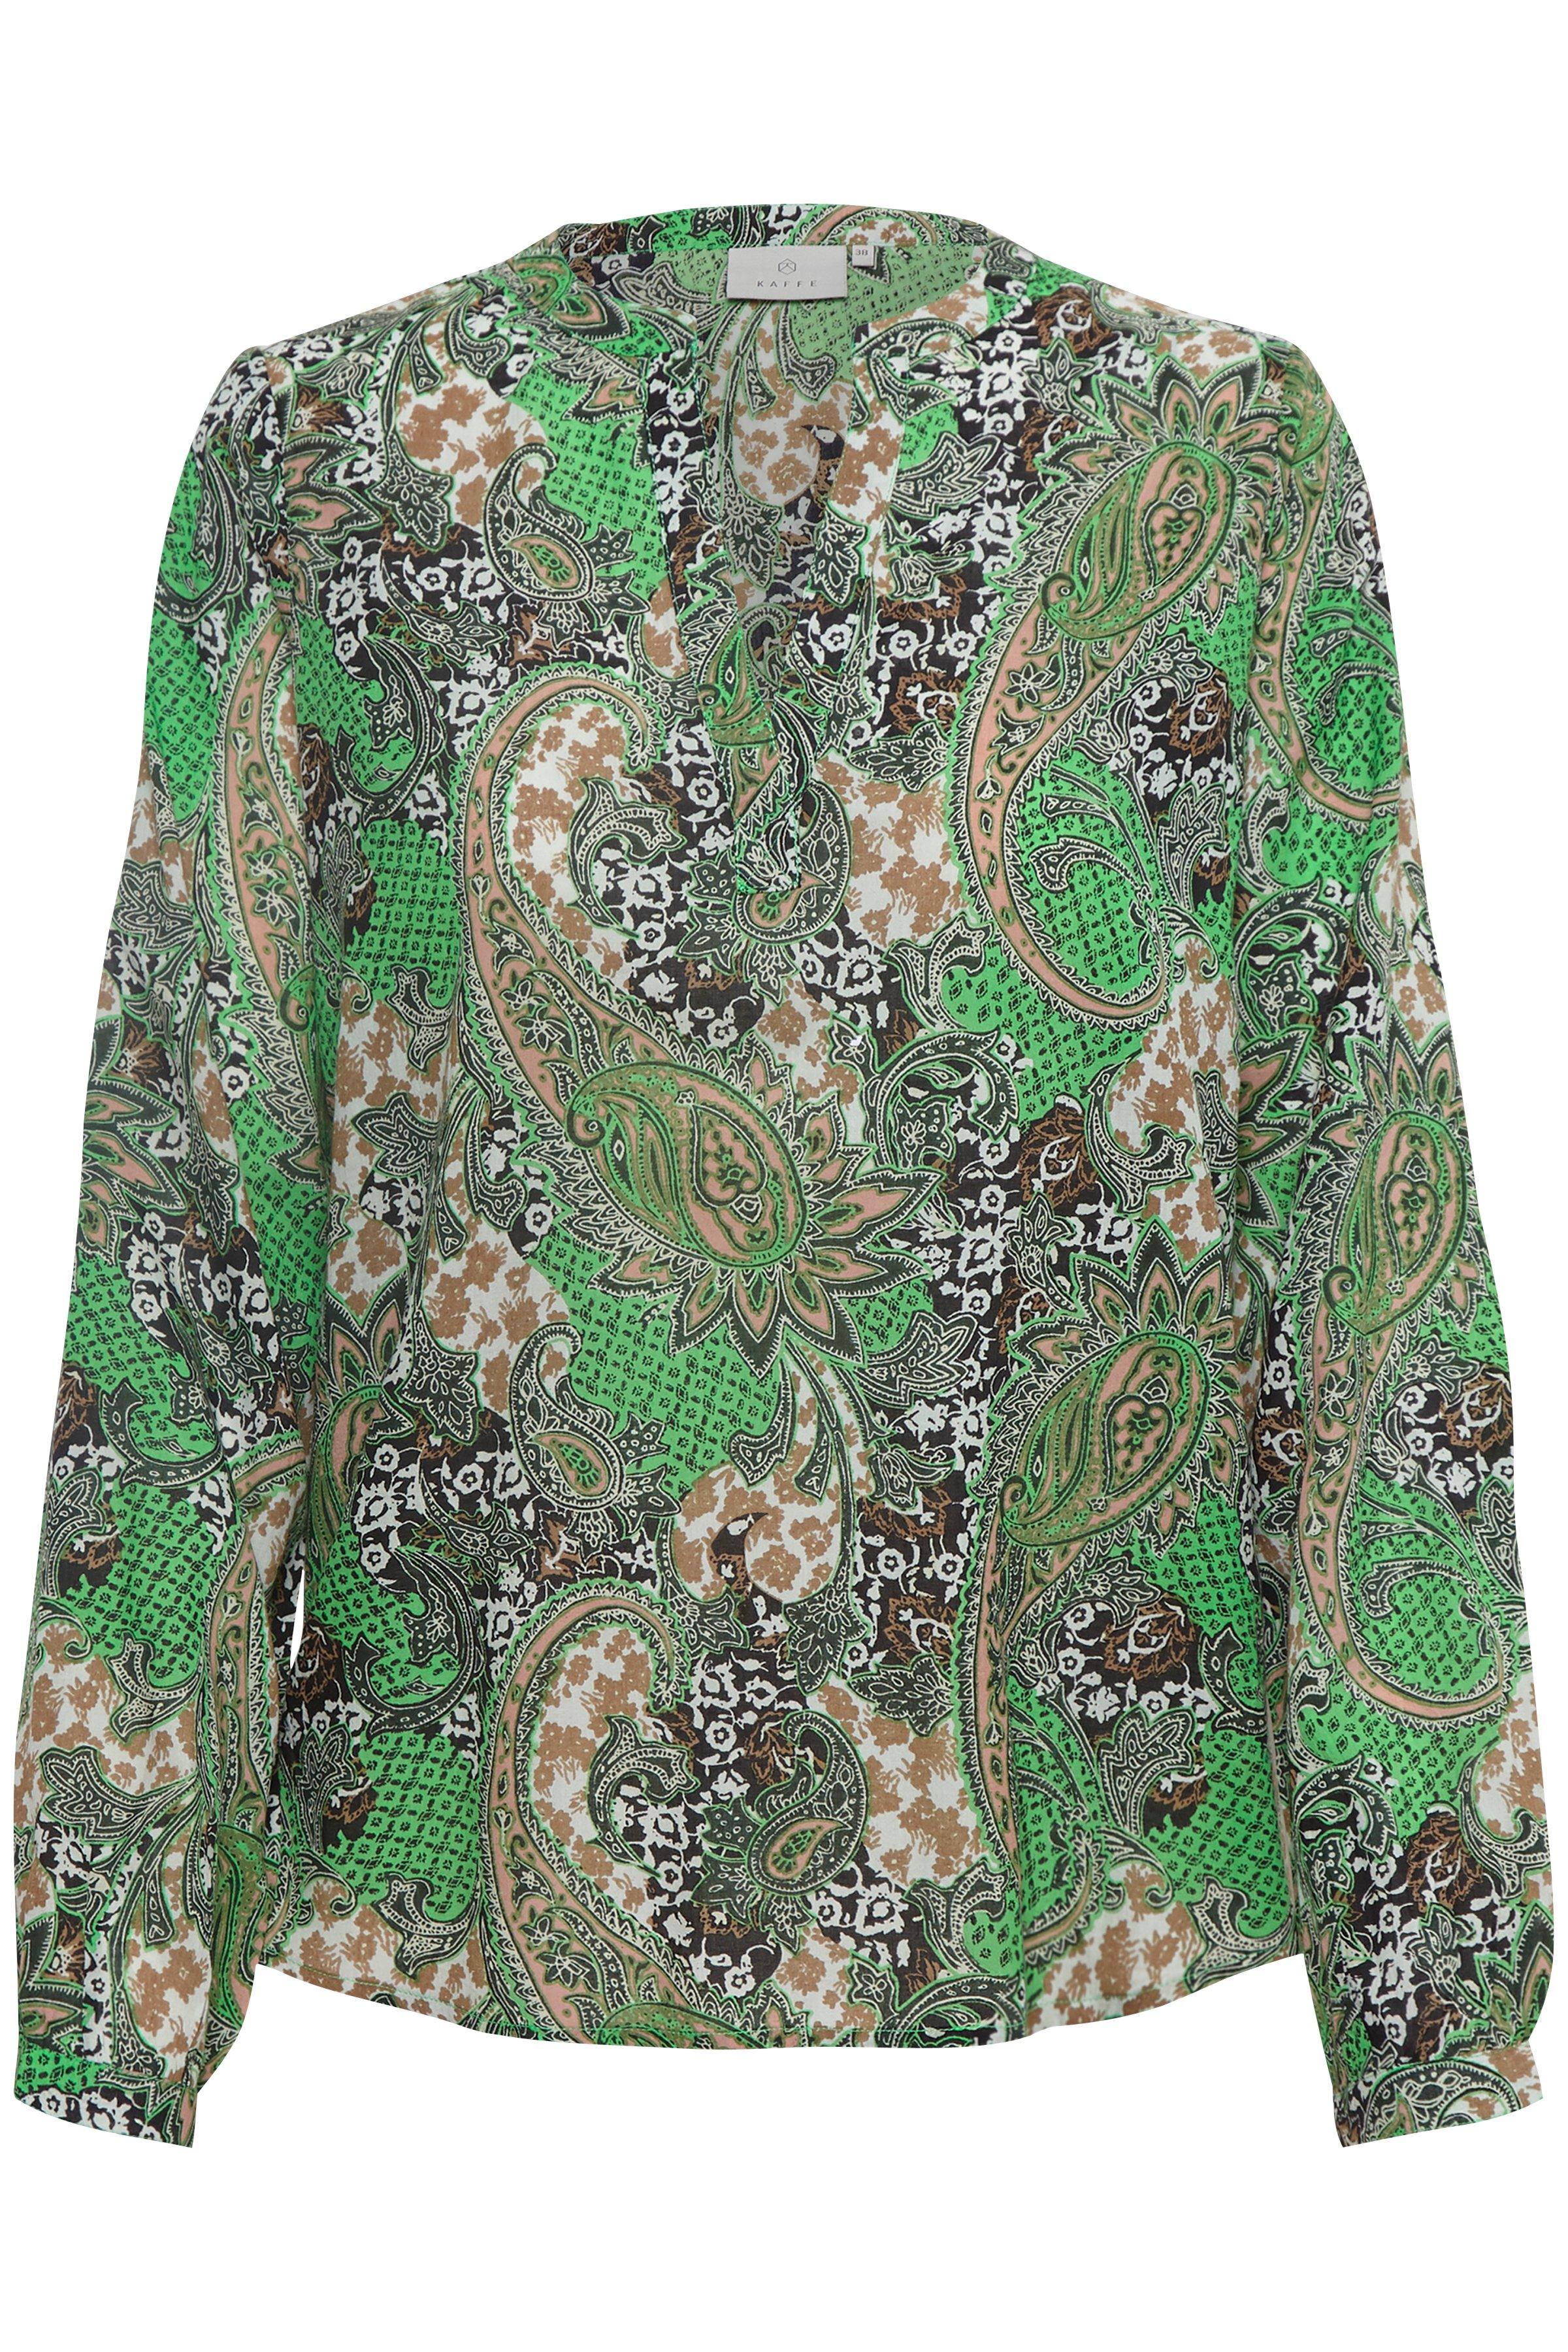 Grön/svart Långärmad blus från Kaffe – Köp Grön/svart Långärmad blus från stl. 34-46 här